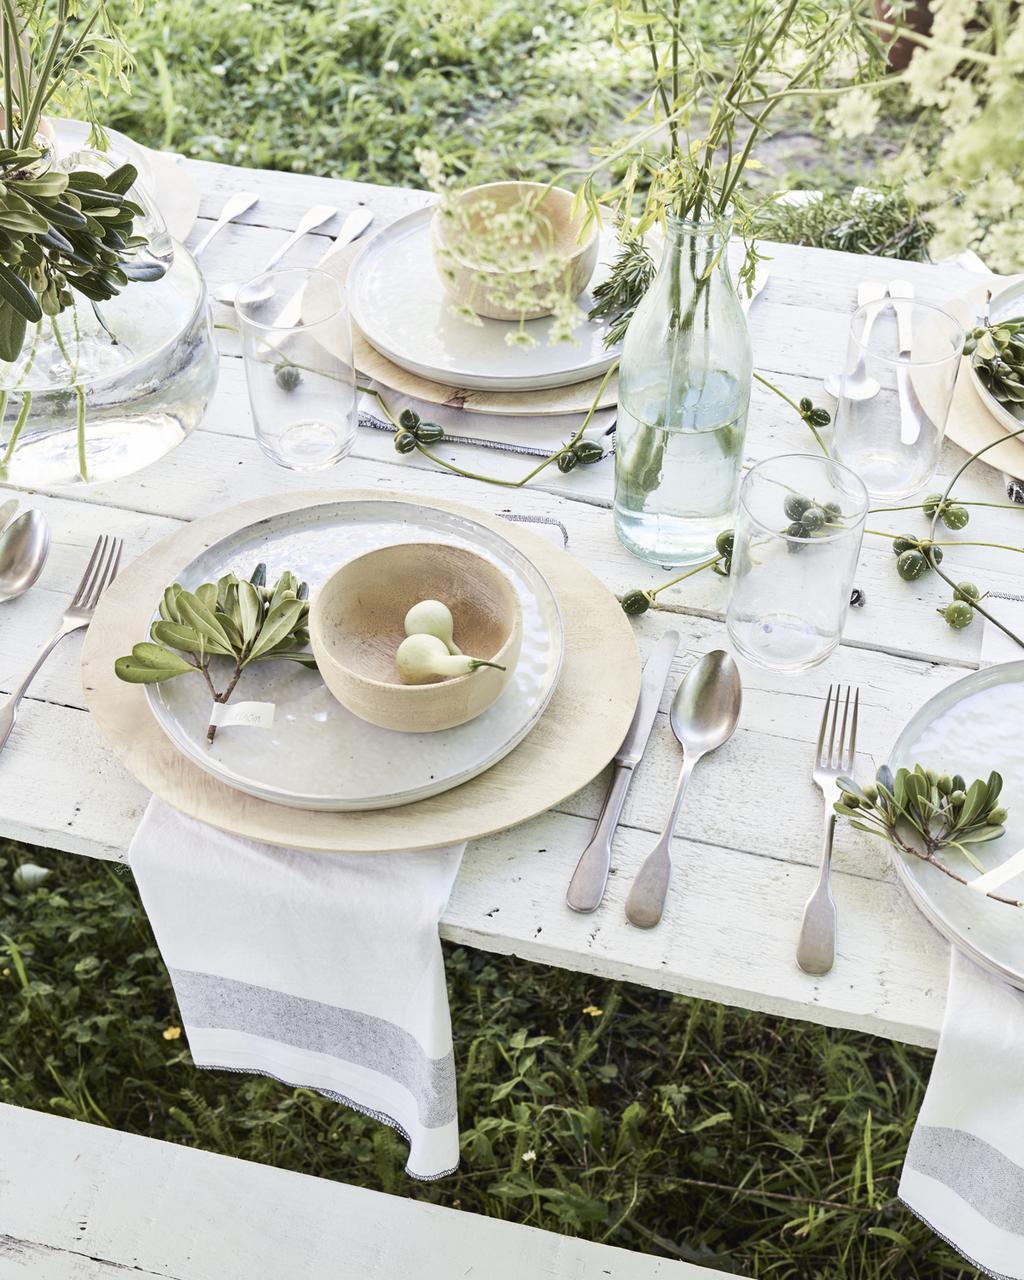 Een vrolijk gedekte tuintafel met veel groen en wit.